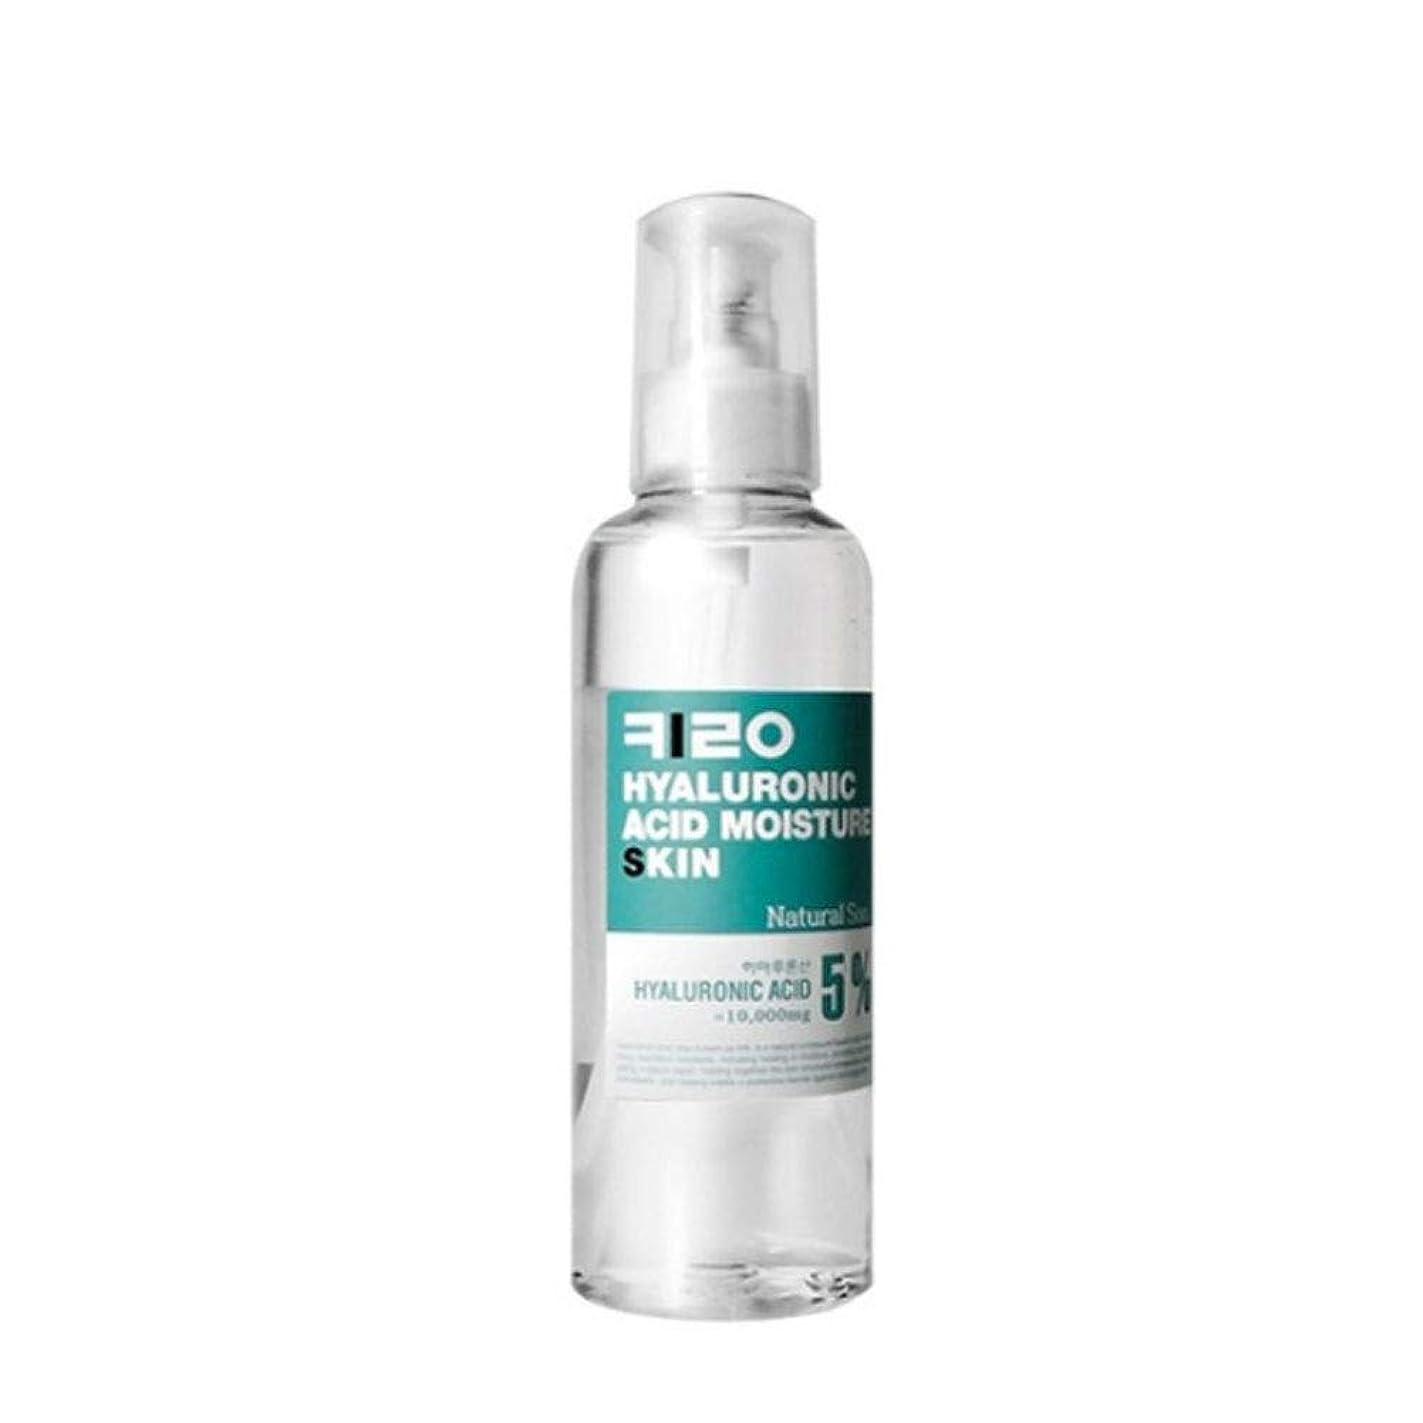 しないでくださいドールポータブルナチュラルSooキーロヒアルロン酸モイスチャースキン200g韓国コスメ、Natural Soo Hyaluronic Acid Moisture Skin 200g Korean Cosmetics [並行輸入品]